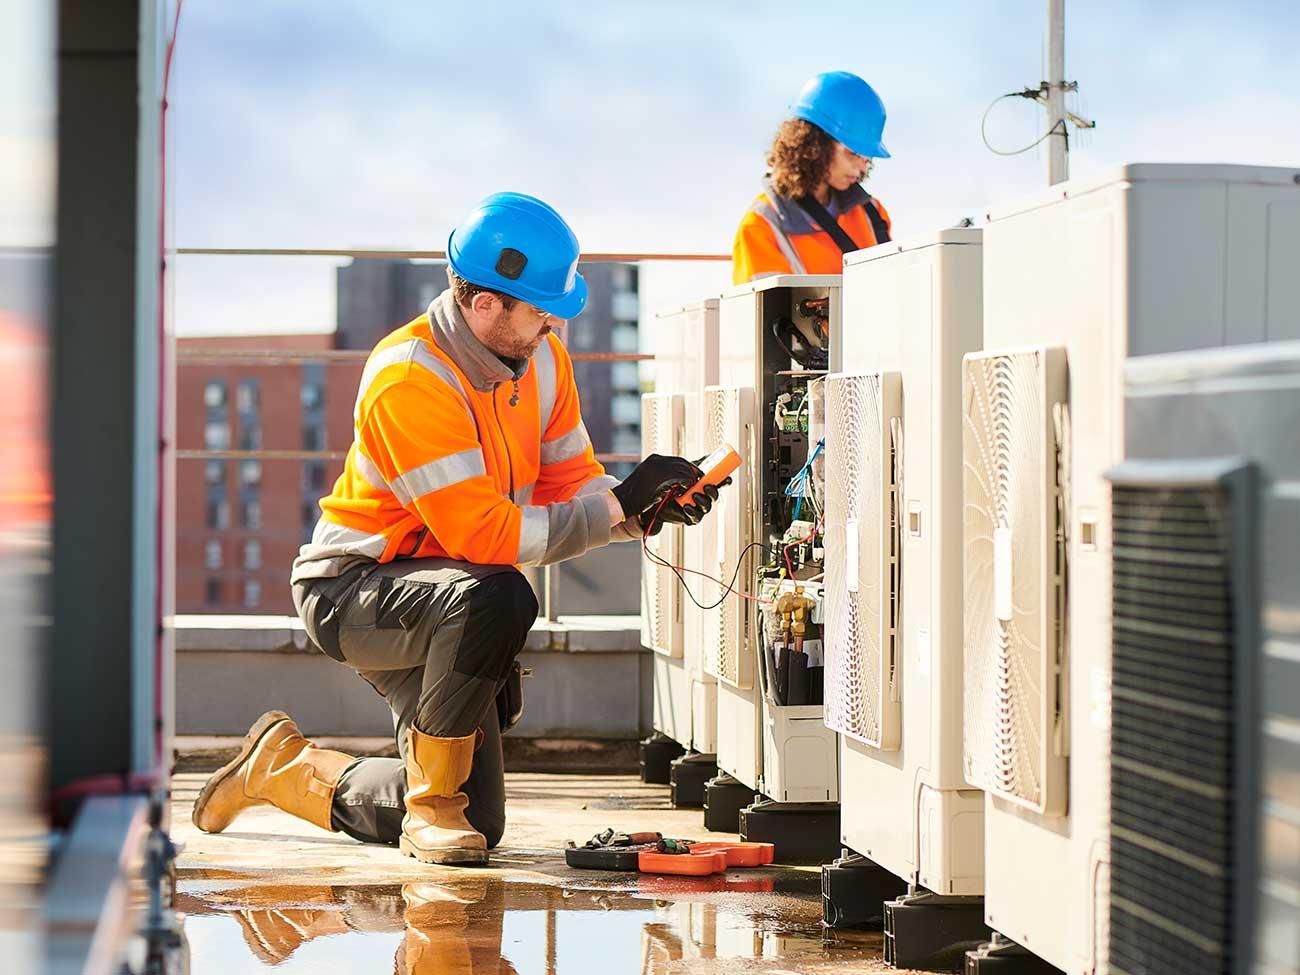 Zwei Klimatechniker arbeiten auf dem Dach